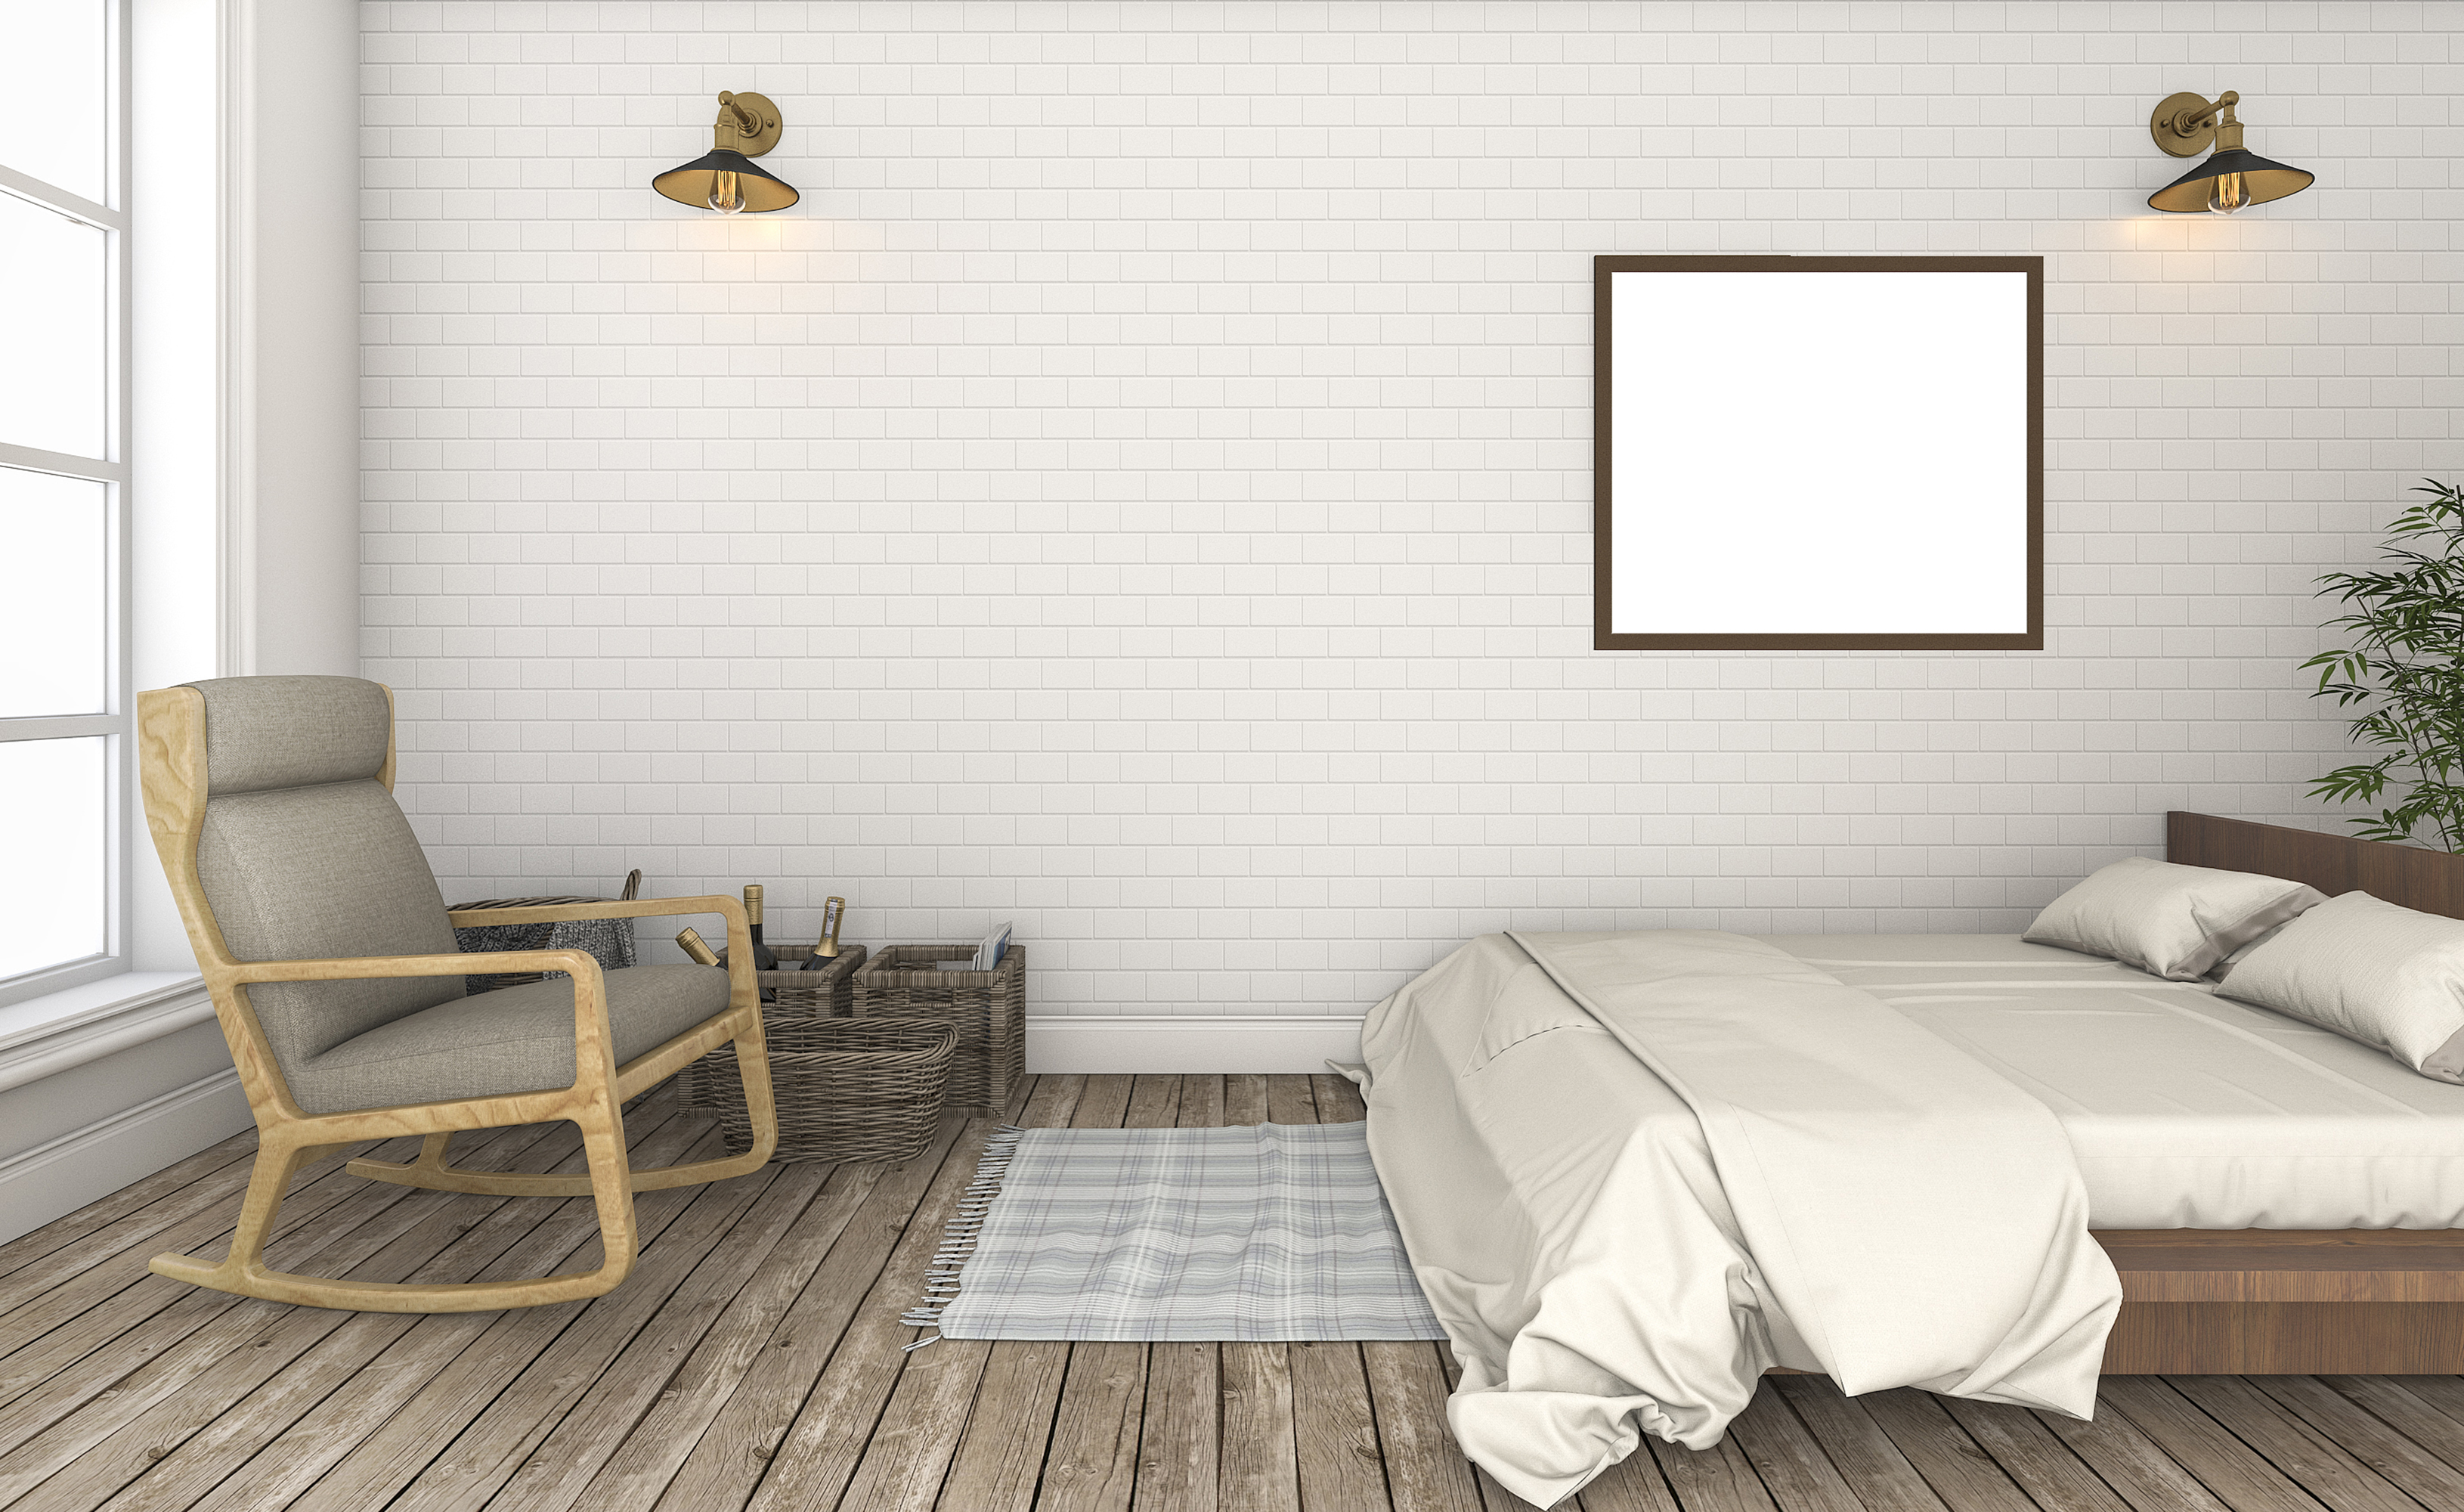 Schaukelsessel: Bequem und dekorativ aus Holz